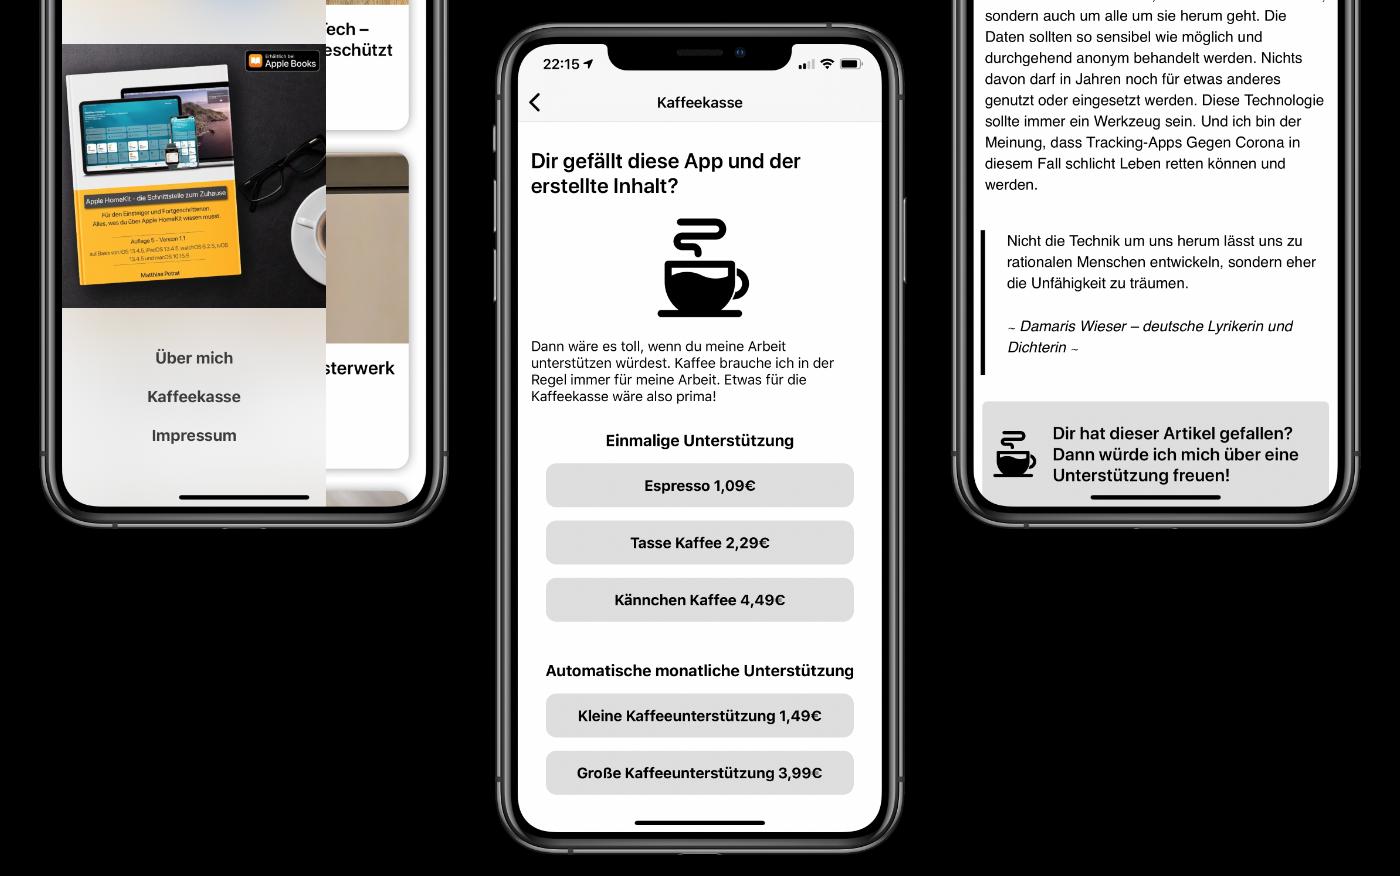 Matthias-Petrat-3.0-–-die-frische-App-für-iOS-und-iPadOS-ist-da4 Matthias Petrat 3.0 – die frische Blog-App für iOS und iPadOS ist da!